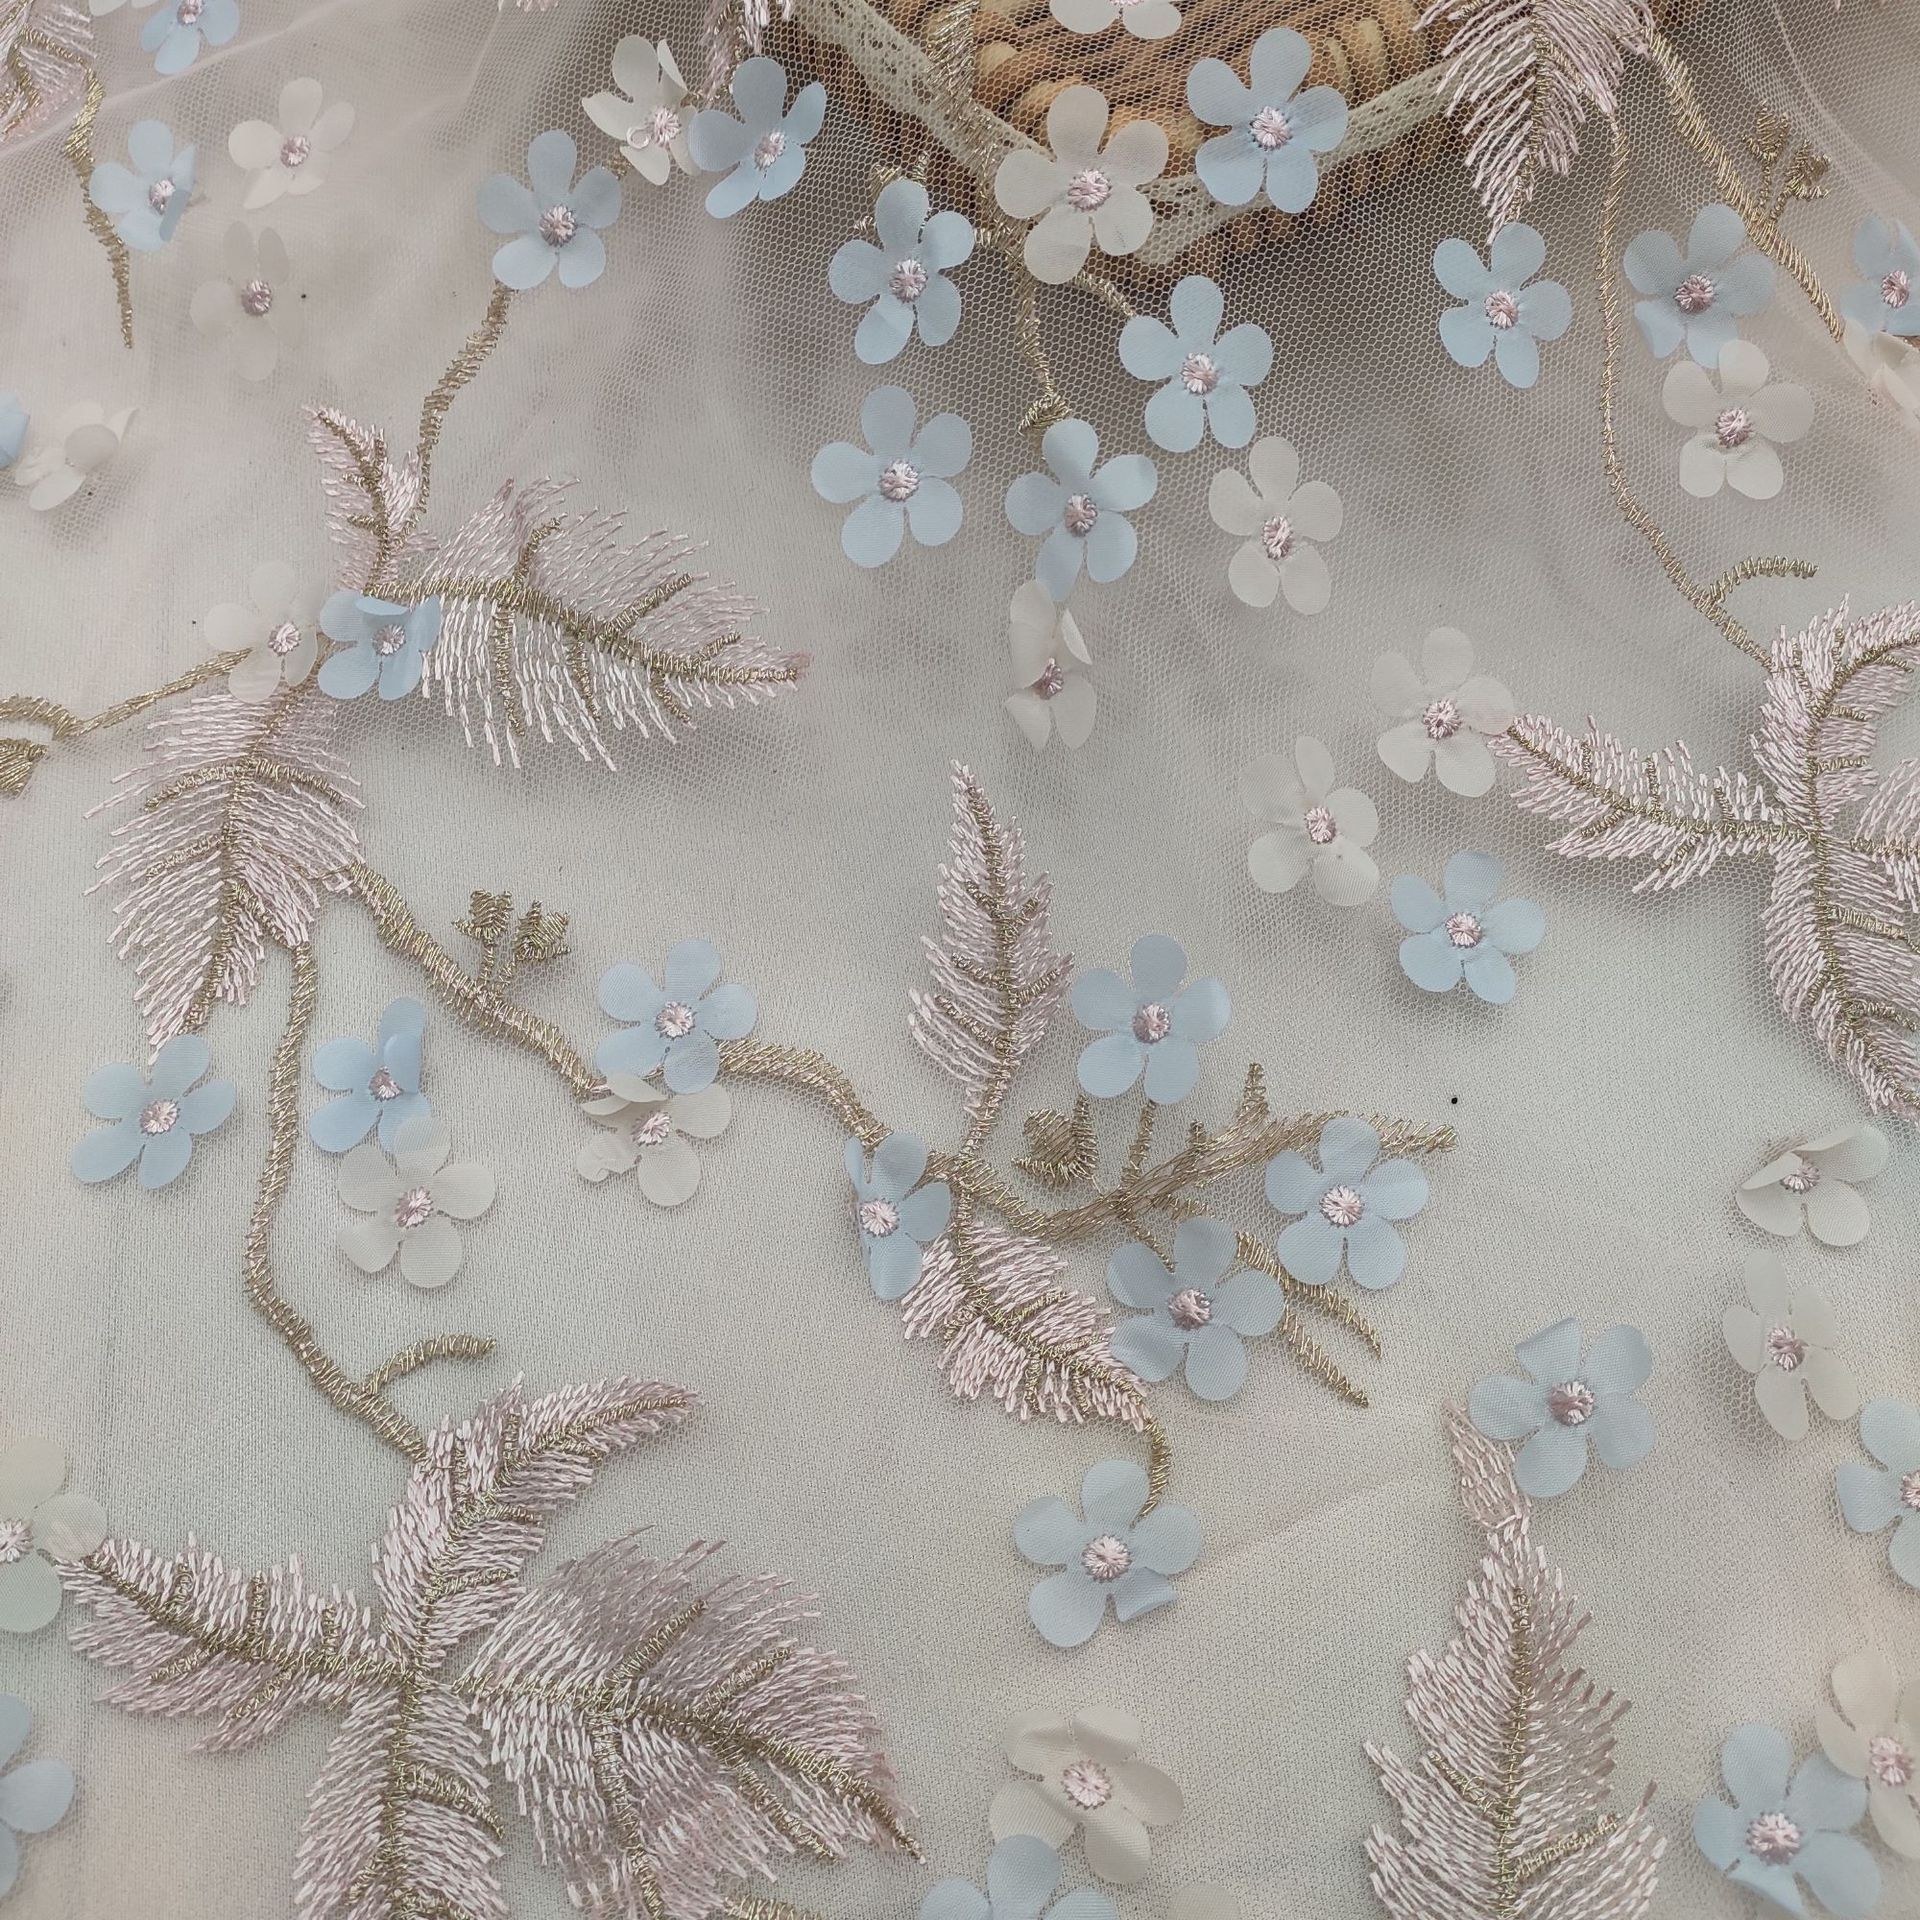 HUIZHIXIU Vải thêu ba chiều Laser 3D satin sợi hoa nhỏ Sợi polyester nhuộm lưới ánh sáng Vải ren thờ